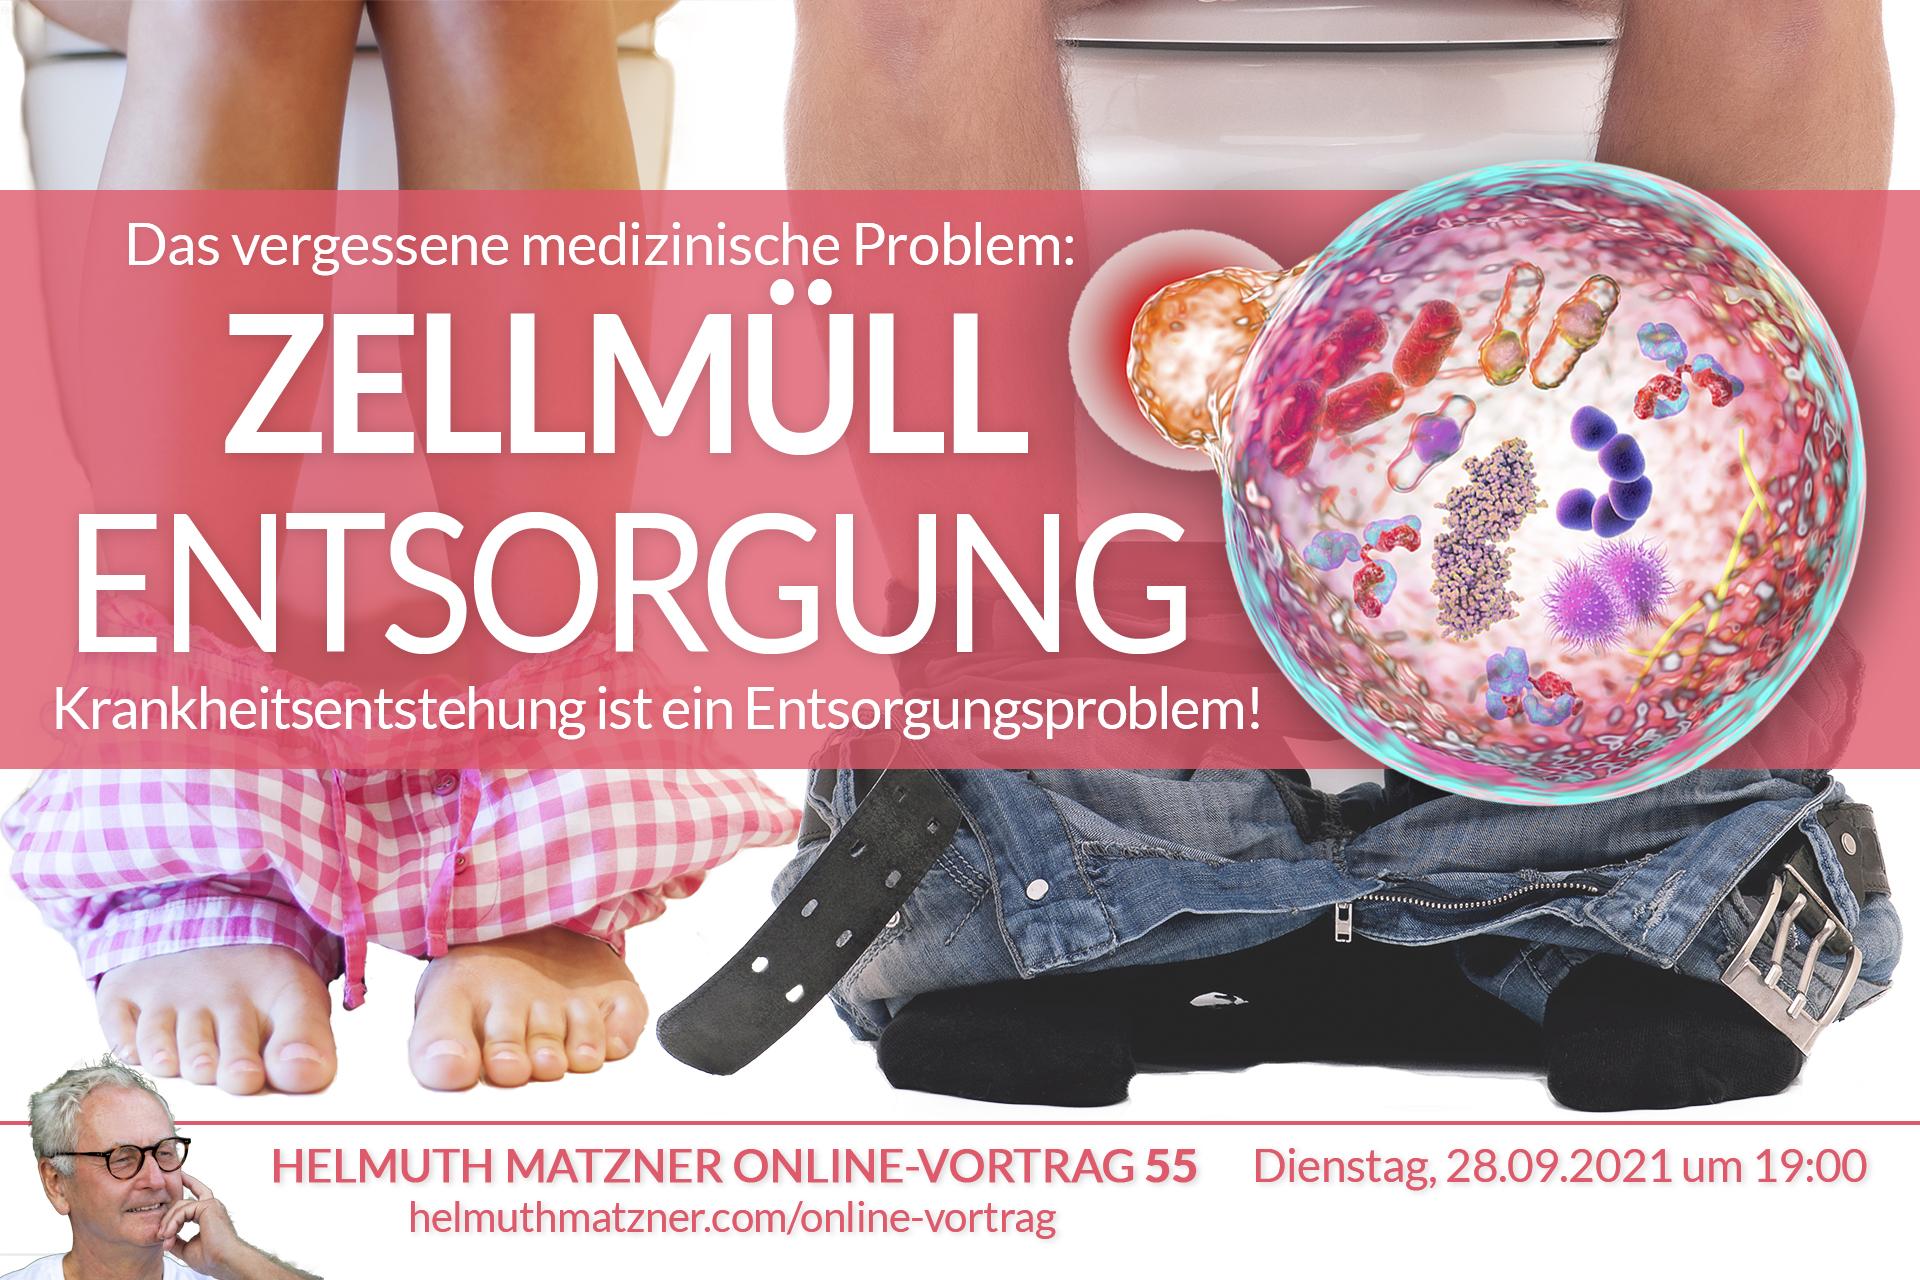 Helmuth Matzner - Online-Vortrag 55 - Zellmüll Entsorgung - OV Banner v01